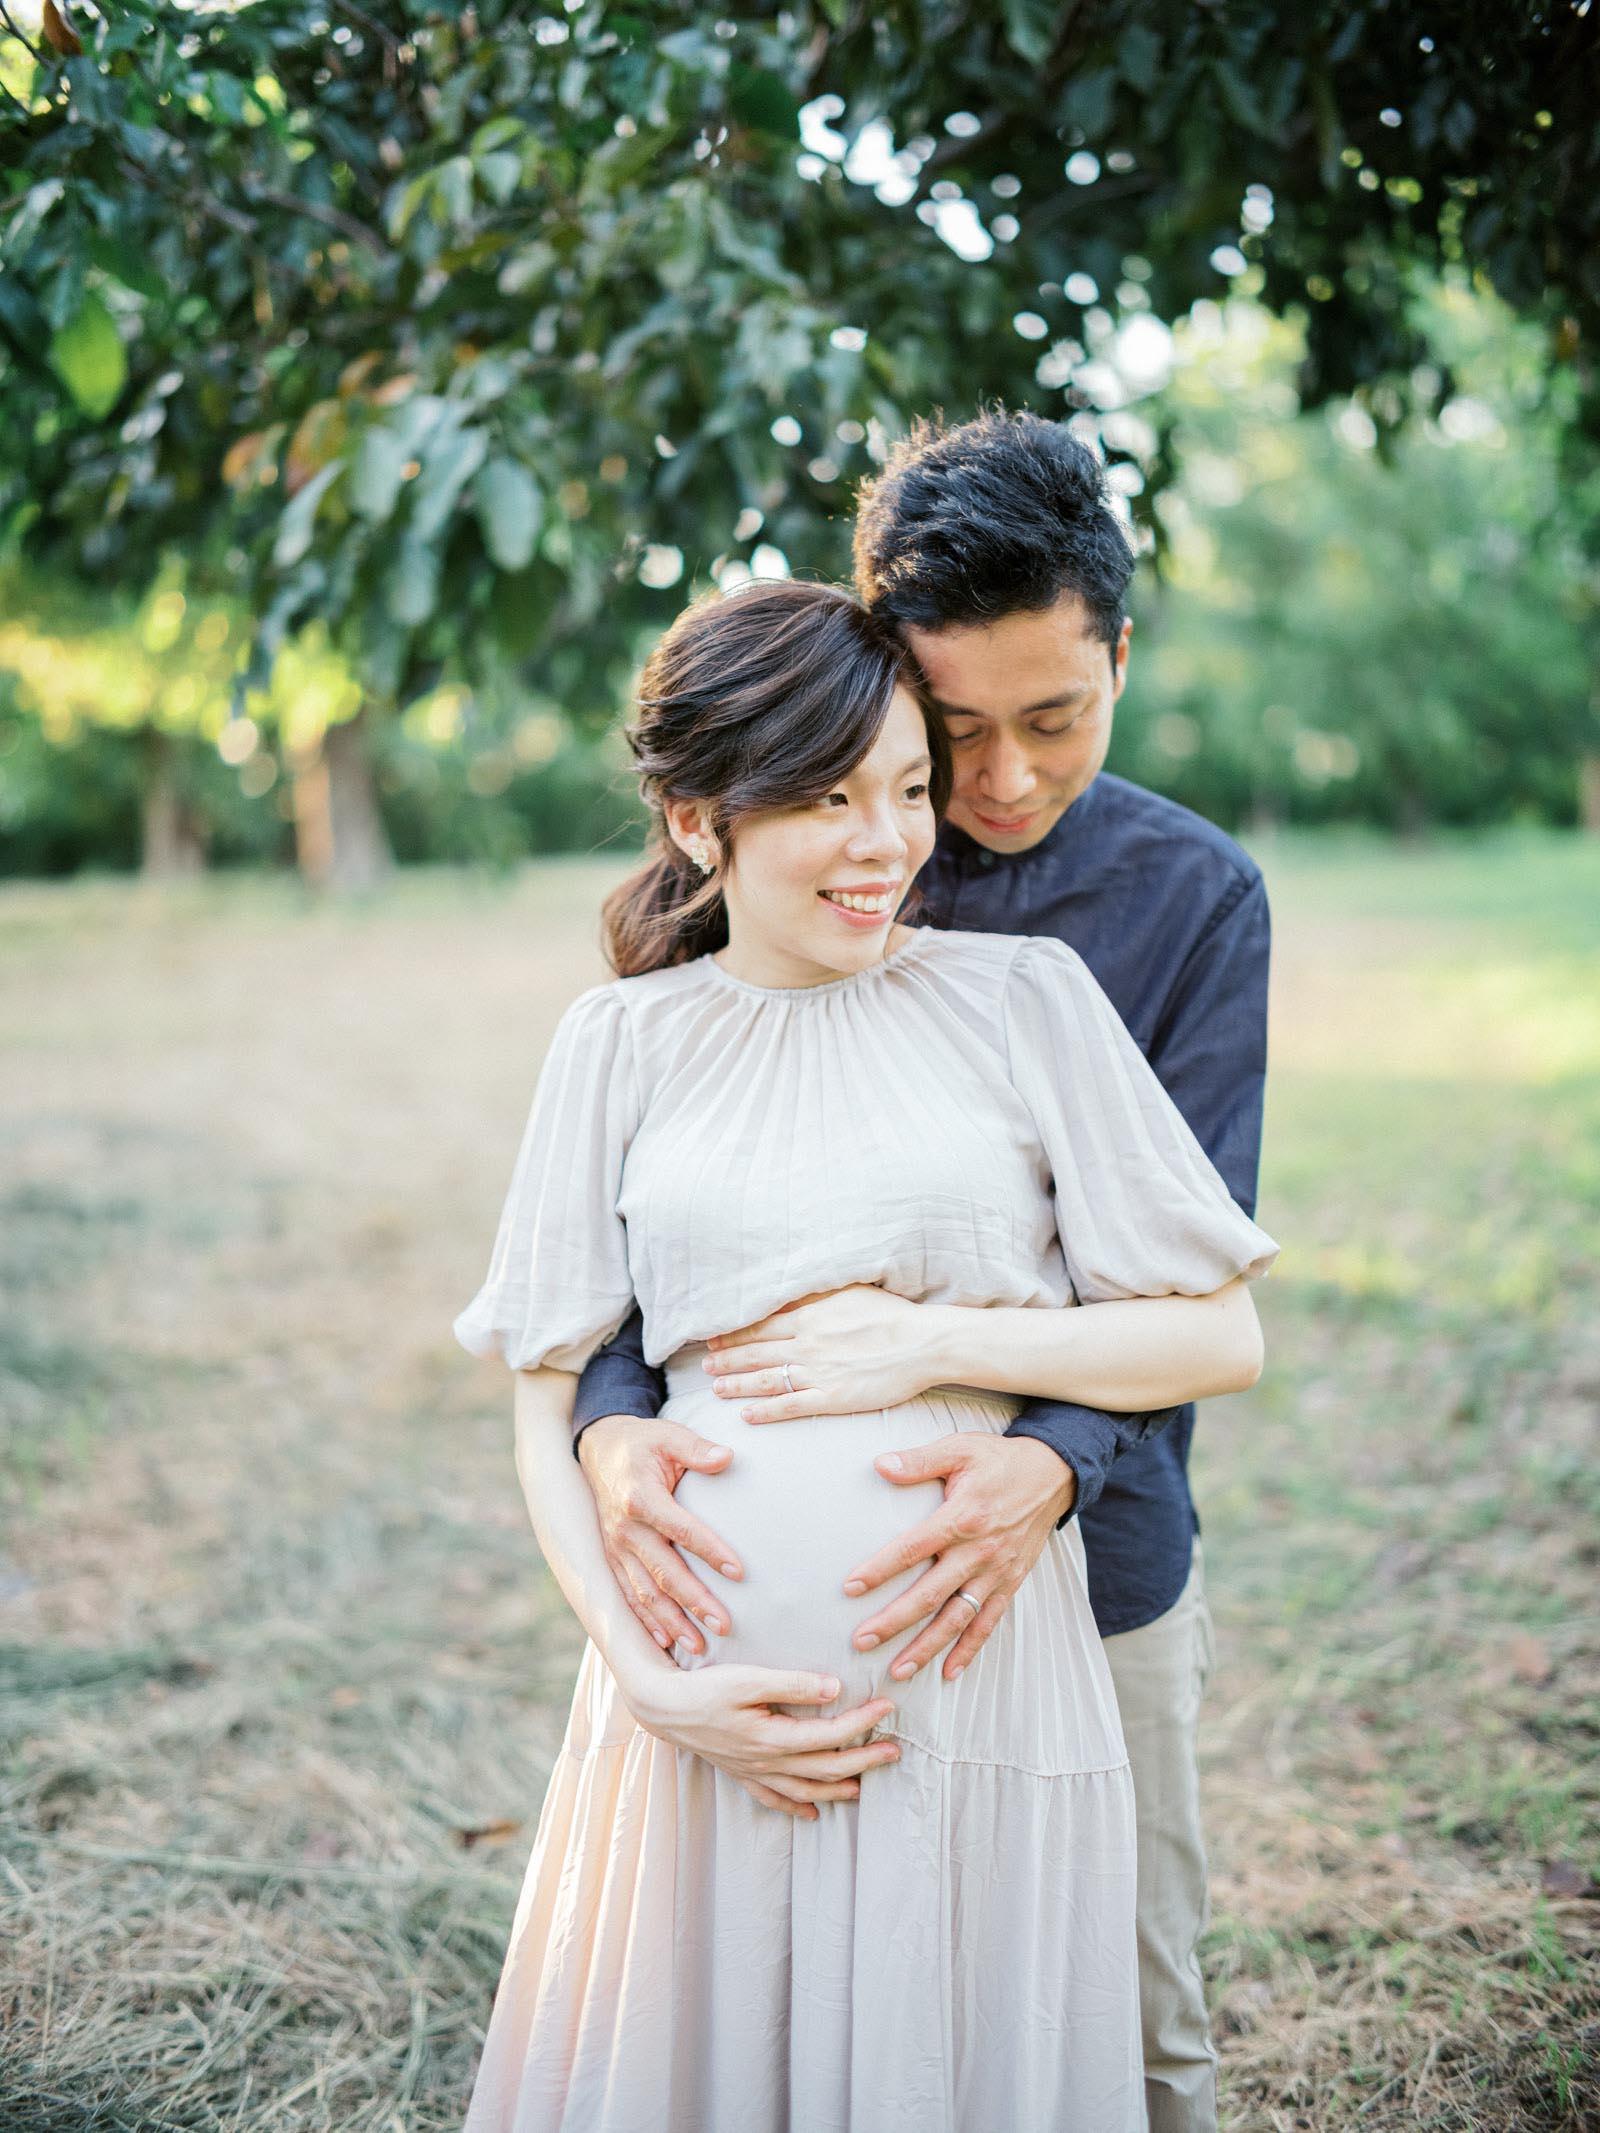 美式-孕期寫真-孕婦寫真-mark-hong-台南-戶外-逆光-GFX-中片幅-Contax 645-底片